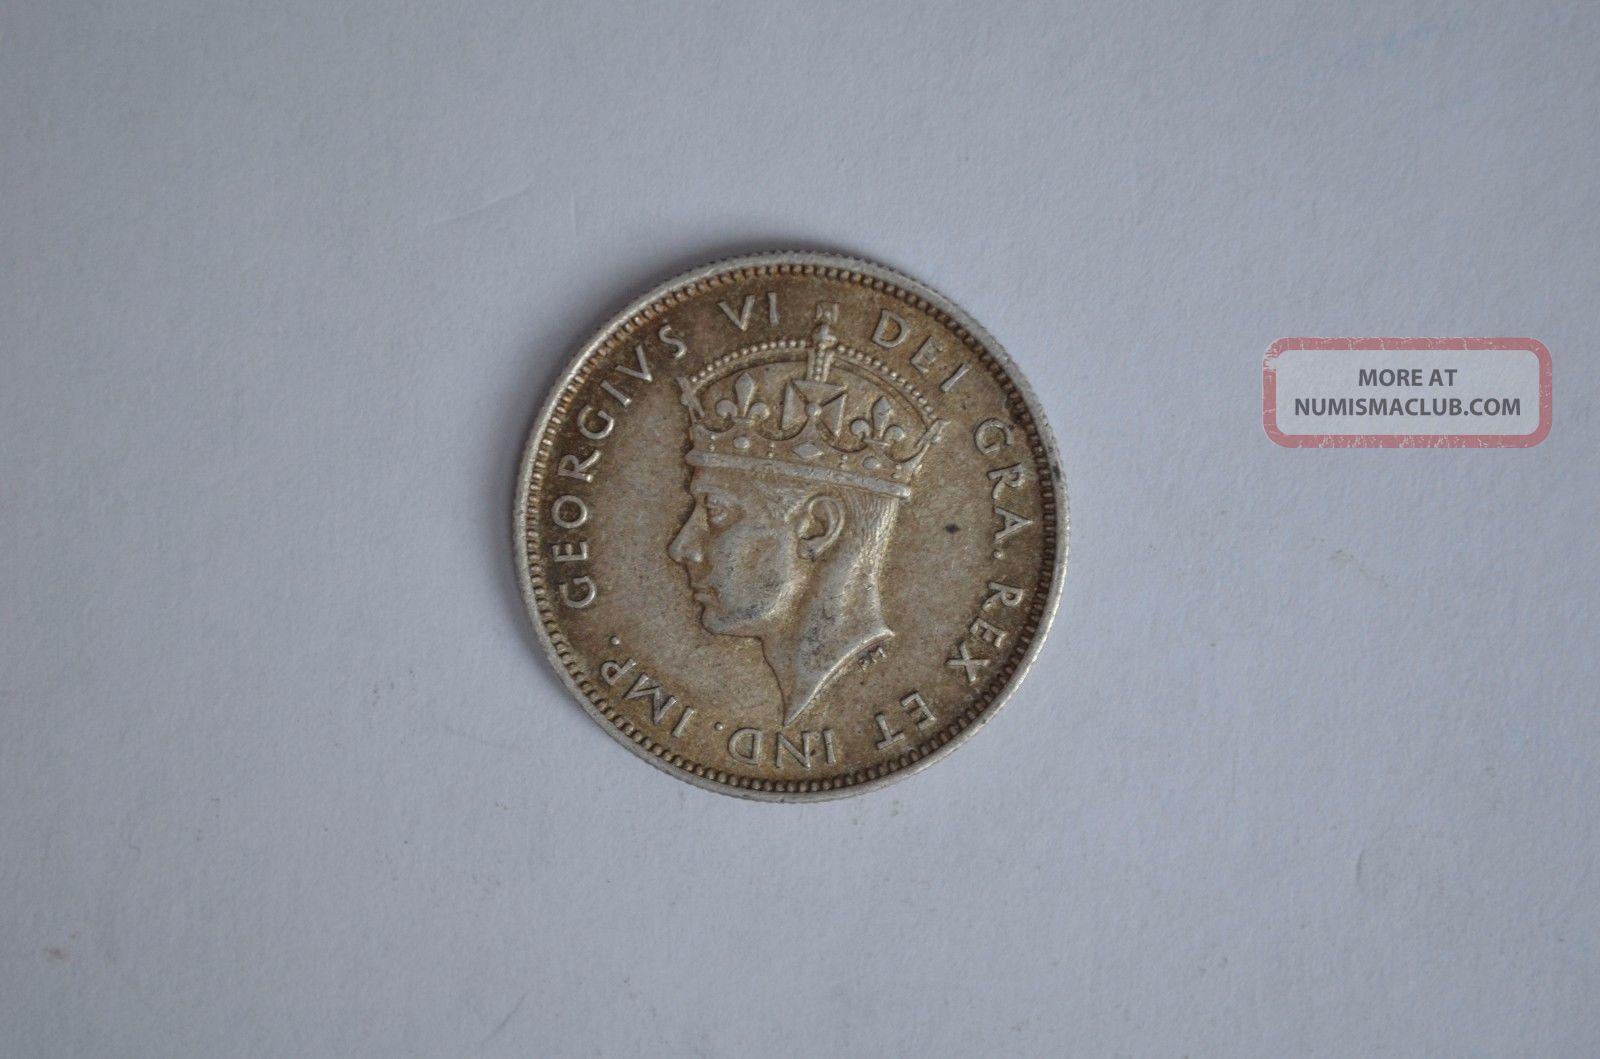 Cyprus 9 Piastres 1938 Silver Europe photo